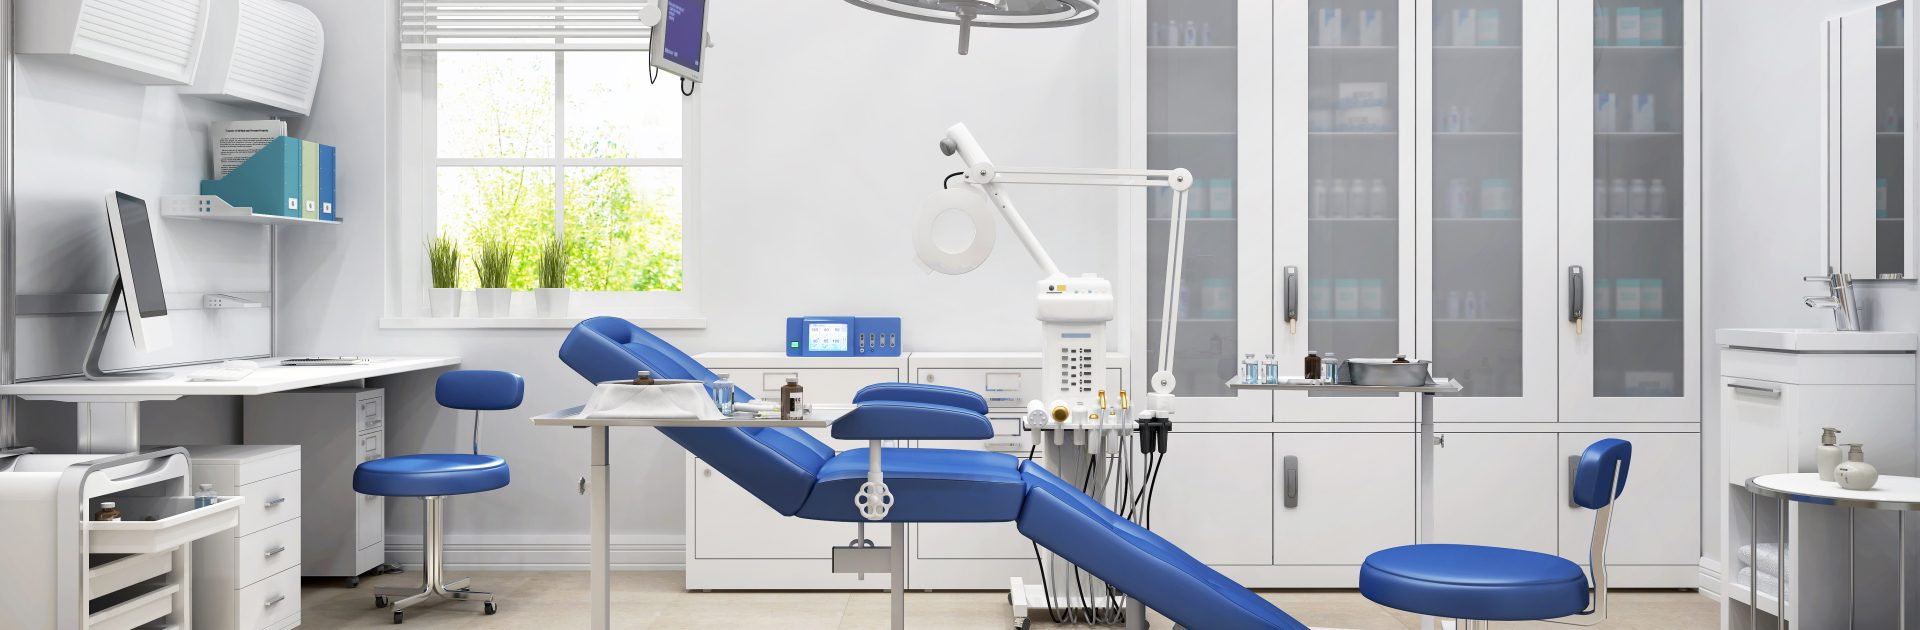 Hygienebeauftragte-Arztpraxis